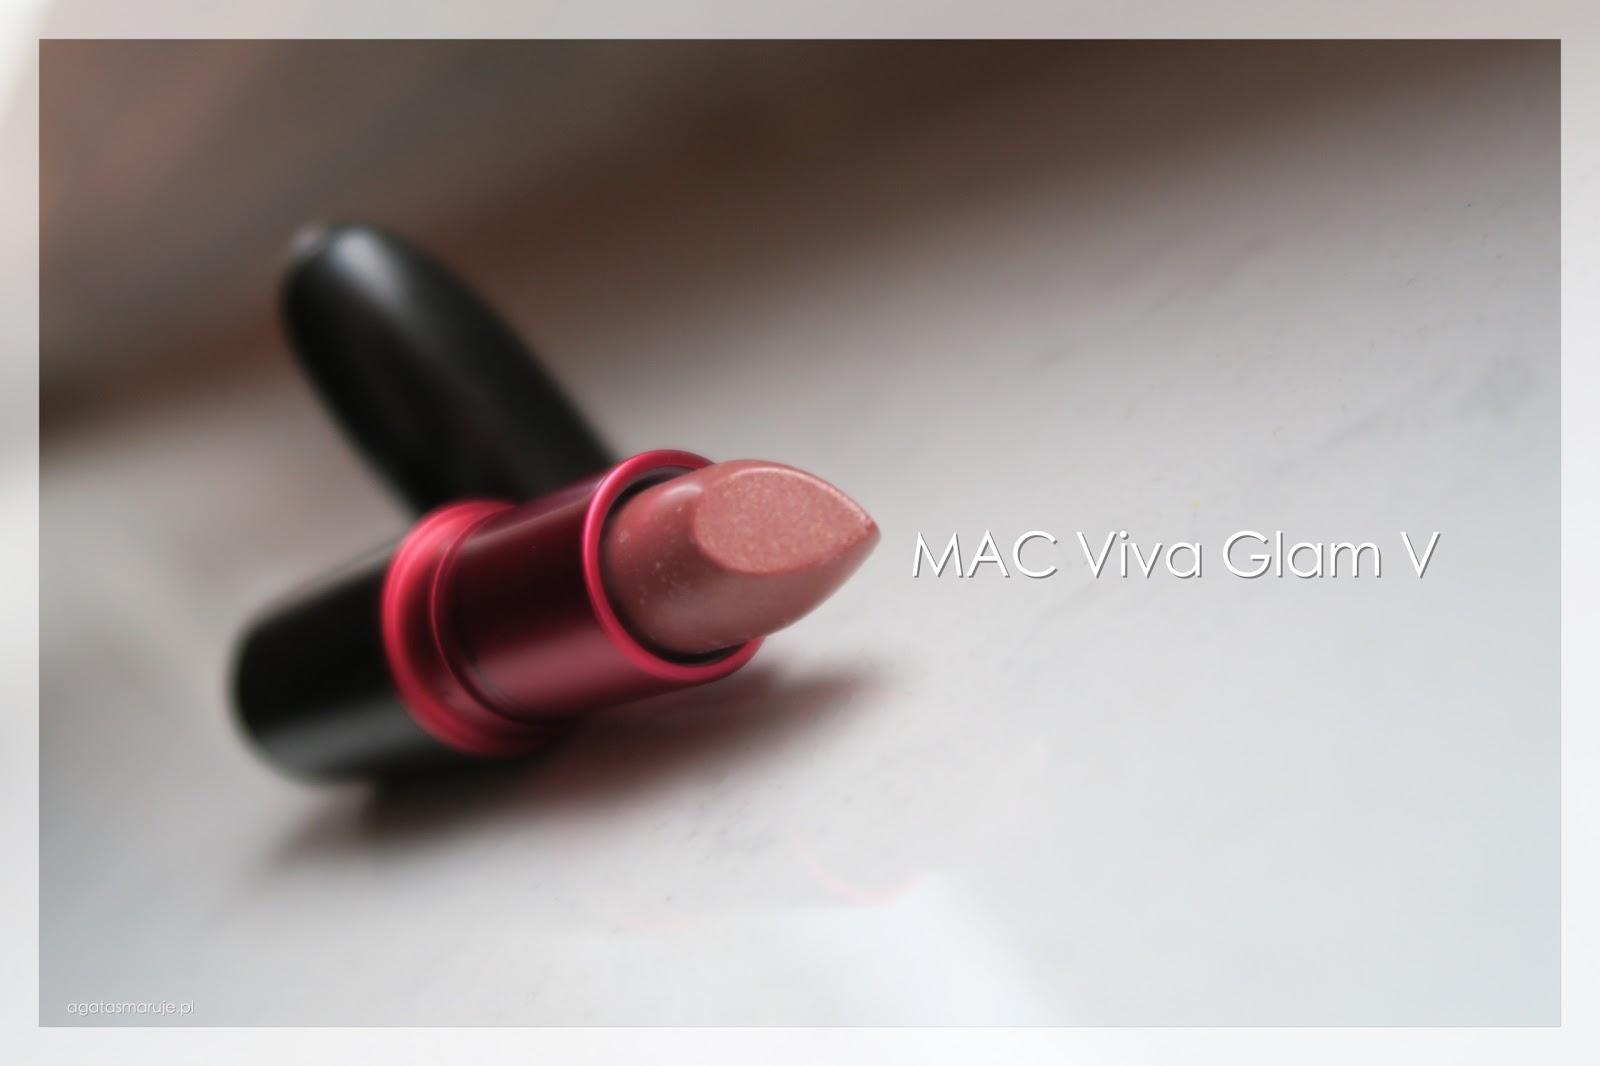 Ucieczka od matu: MAC, Viva Glam V